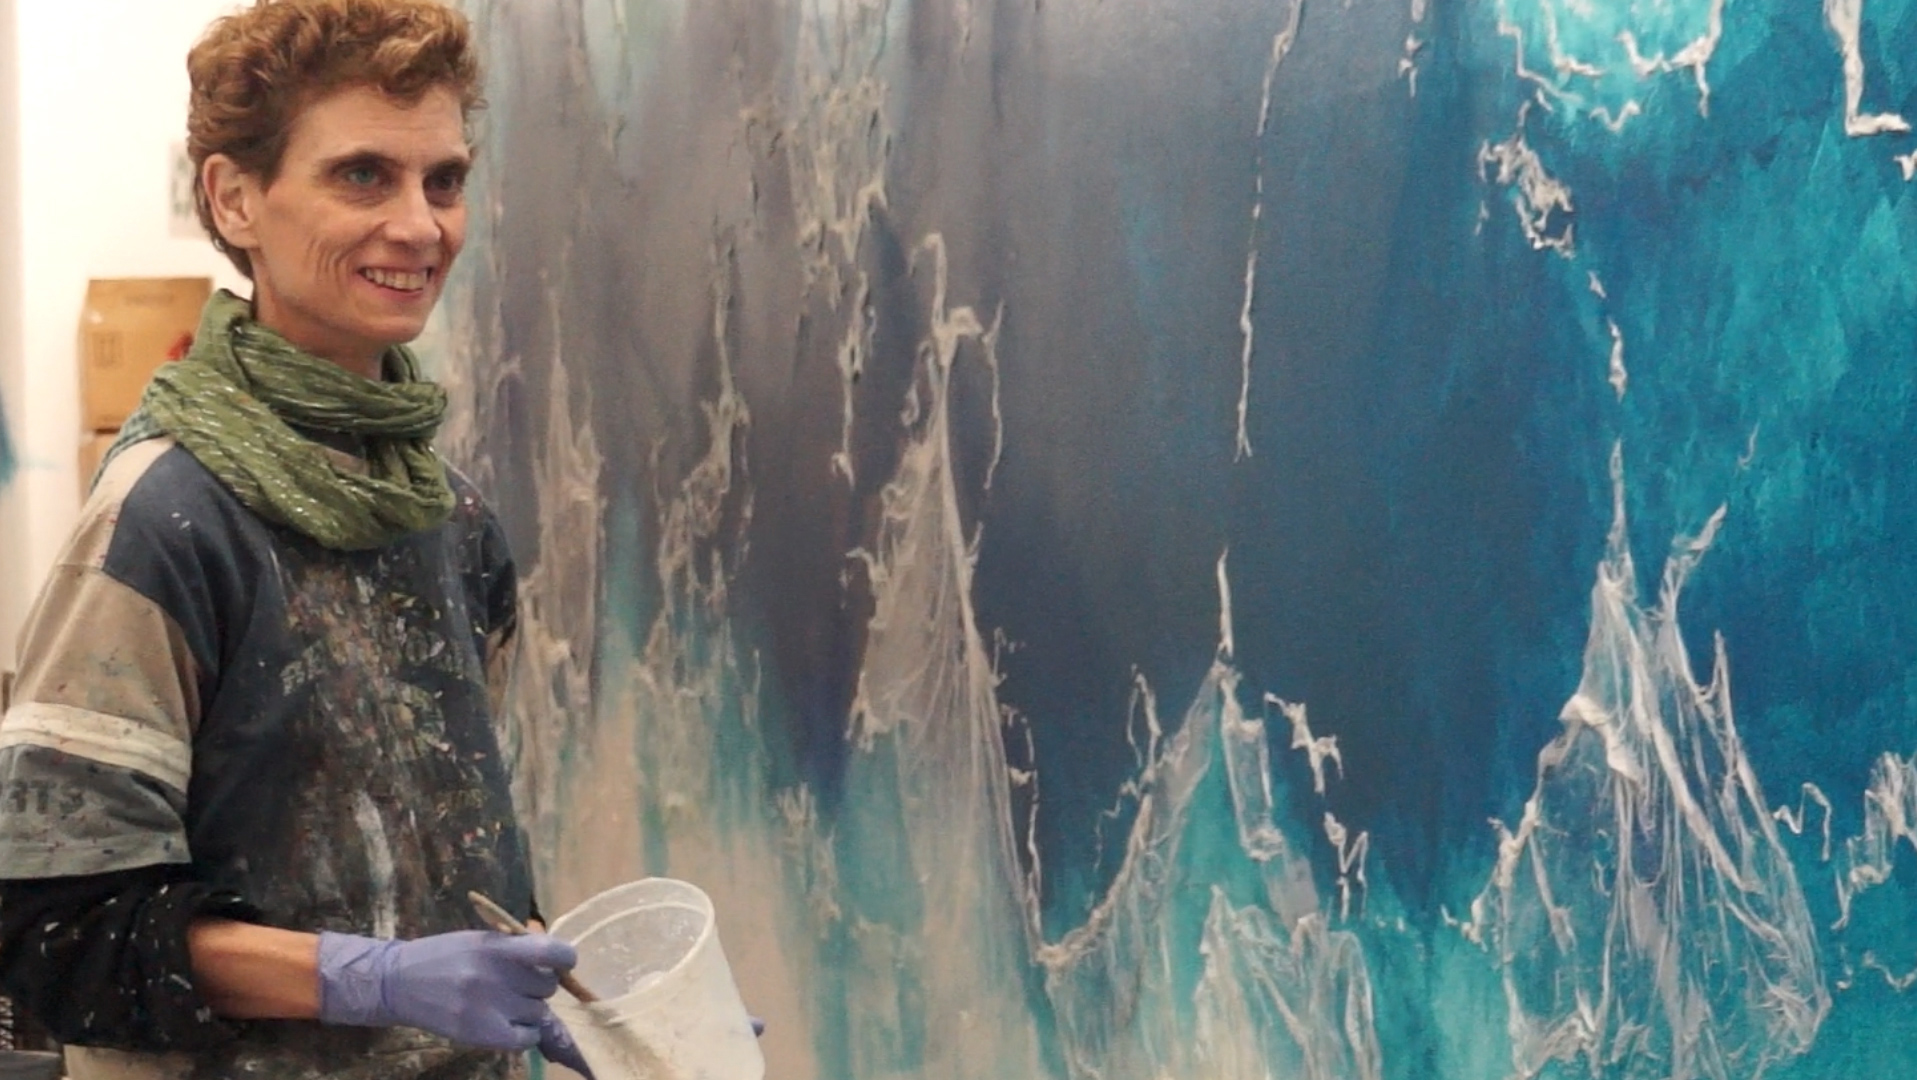 La artista ciega Kelly Arrontes ha ganado el concurso para pintar un mural de 125 metros en el Parc Científic en Barcelona.